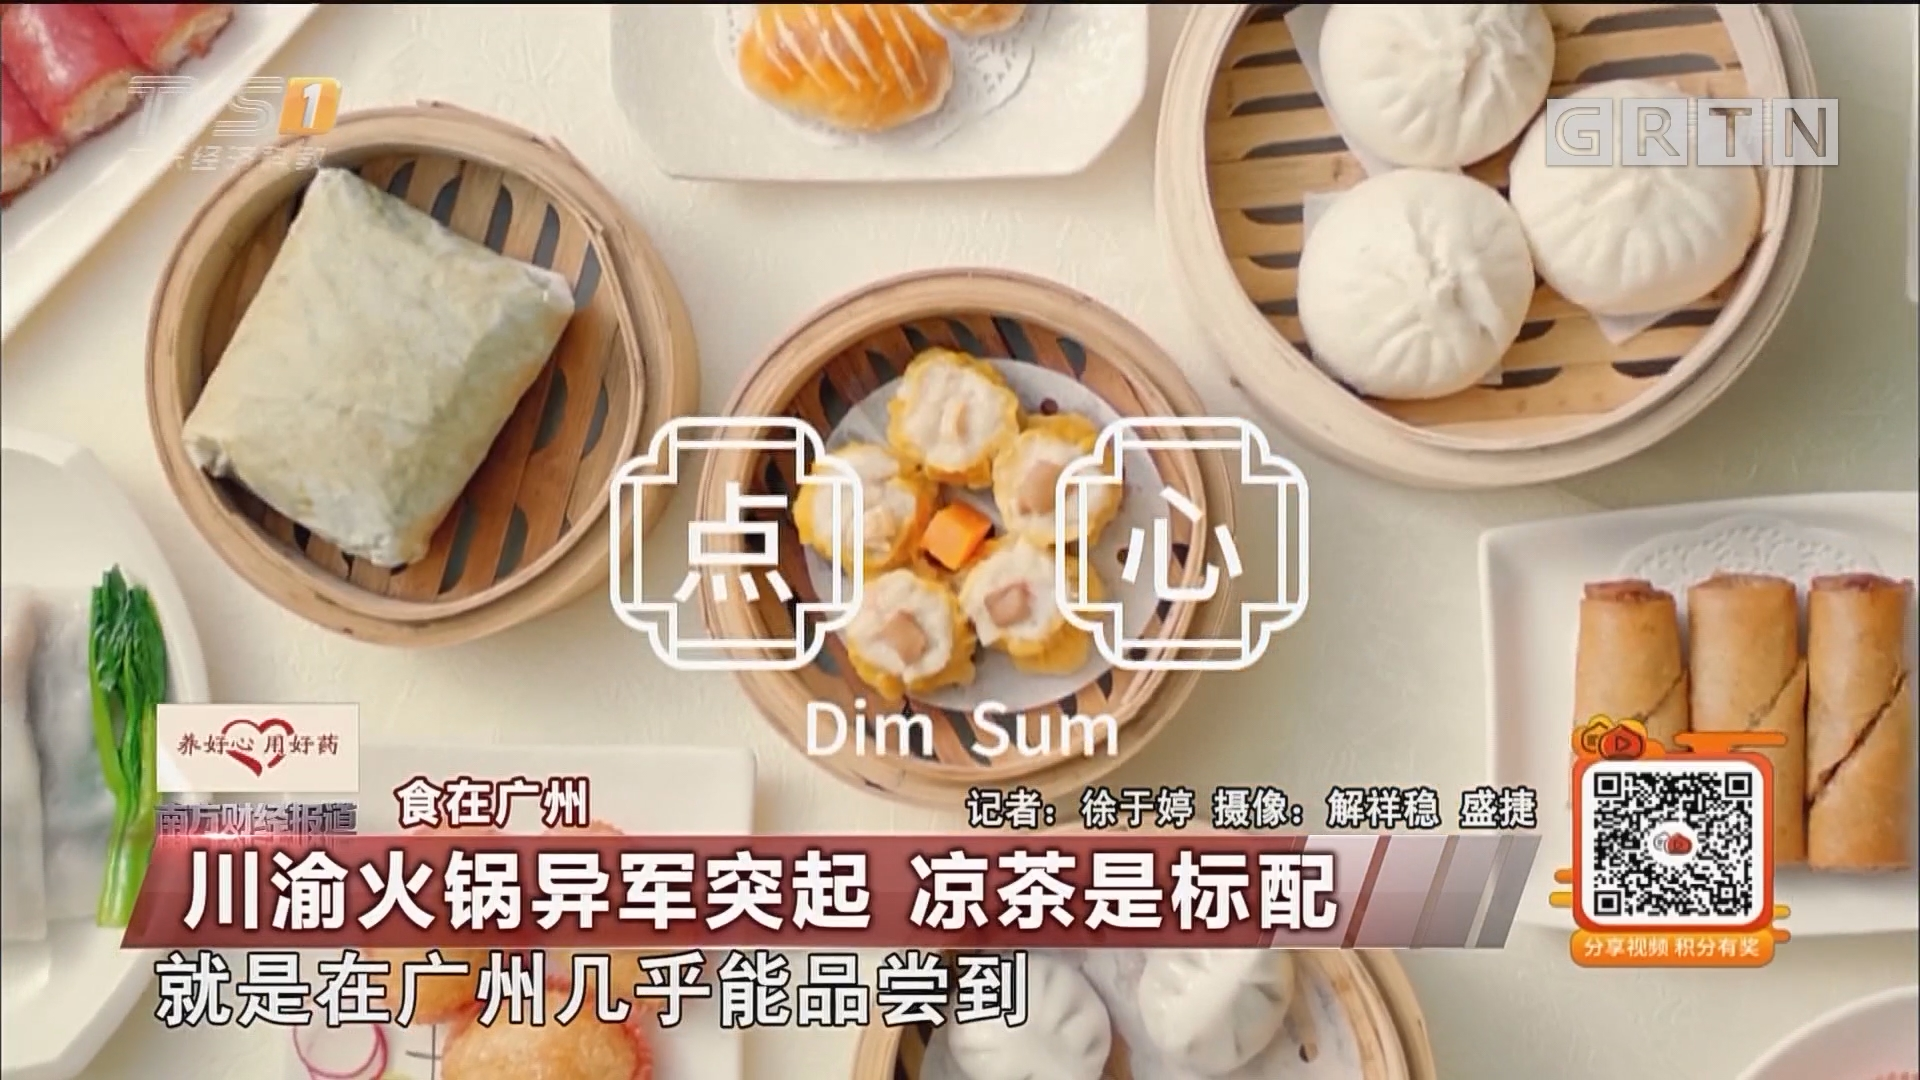 食在广州:川渝火锅异军突起 凉茶是标配